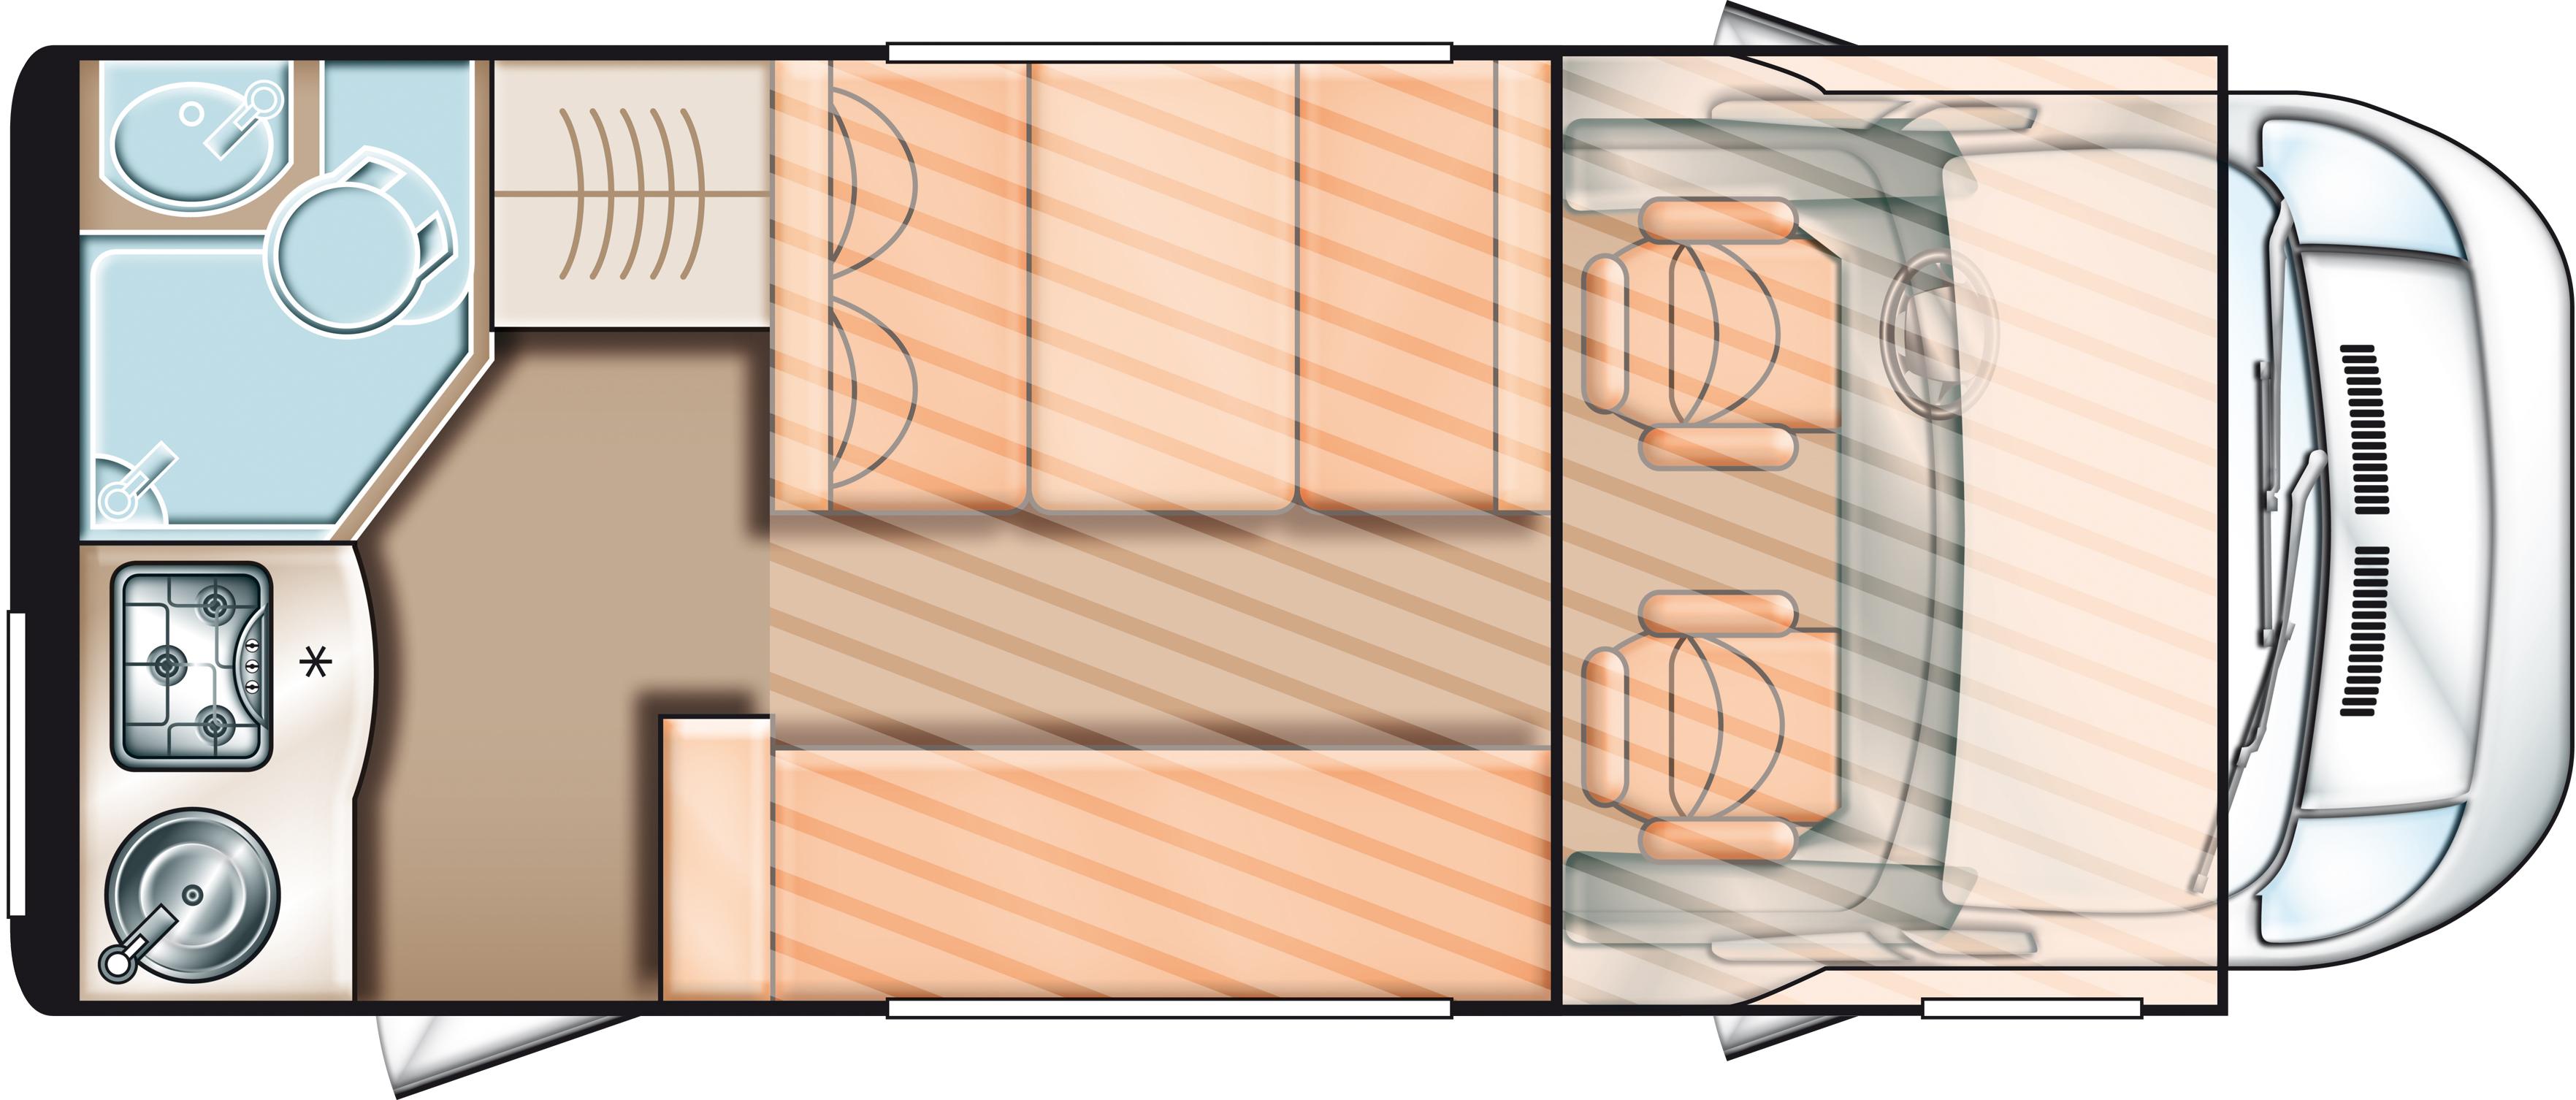 mobile dusche nasszelle wohnmobile von lippert reisemobile gmbh aus - Nasszelle Dusche Wc